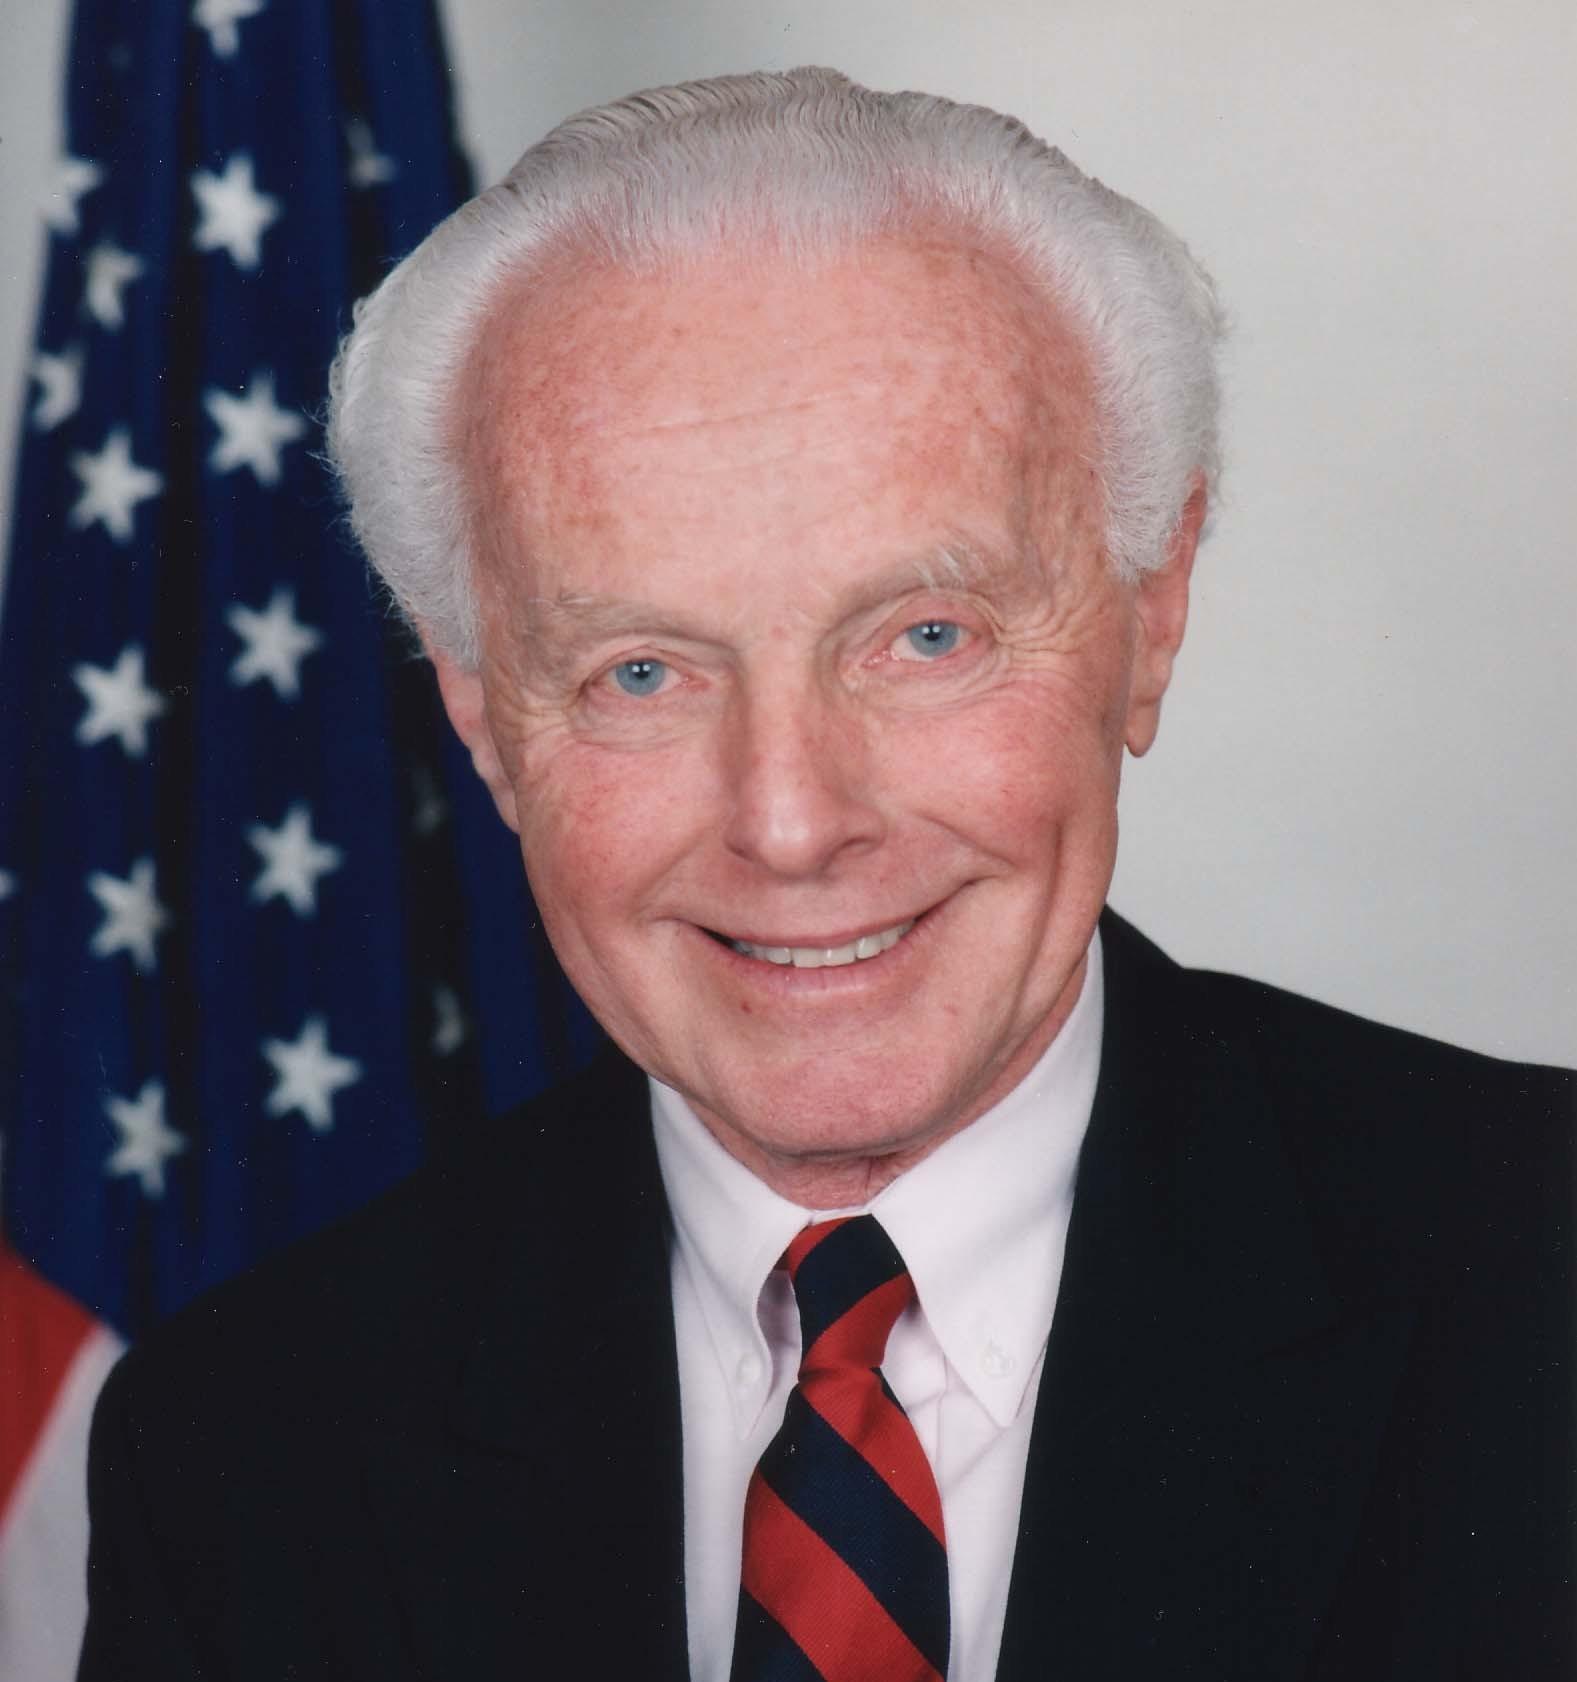 Përkujtojmë mikun e paharruar të Kosovës dhe shqiptarëve, Kongresmenin Tom Lantos